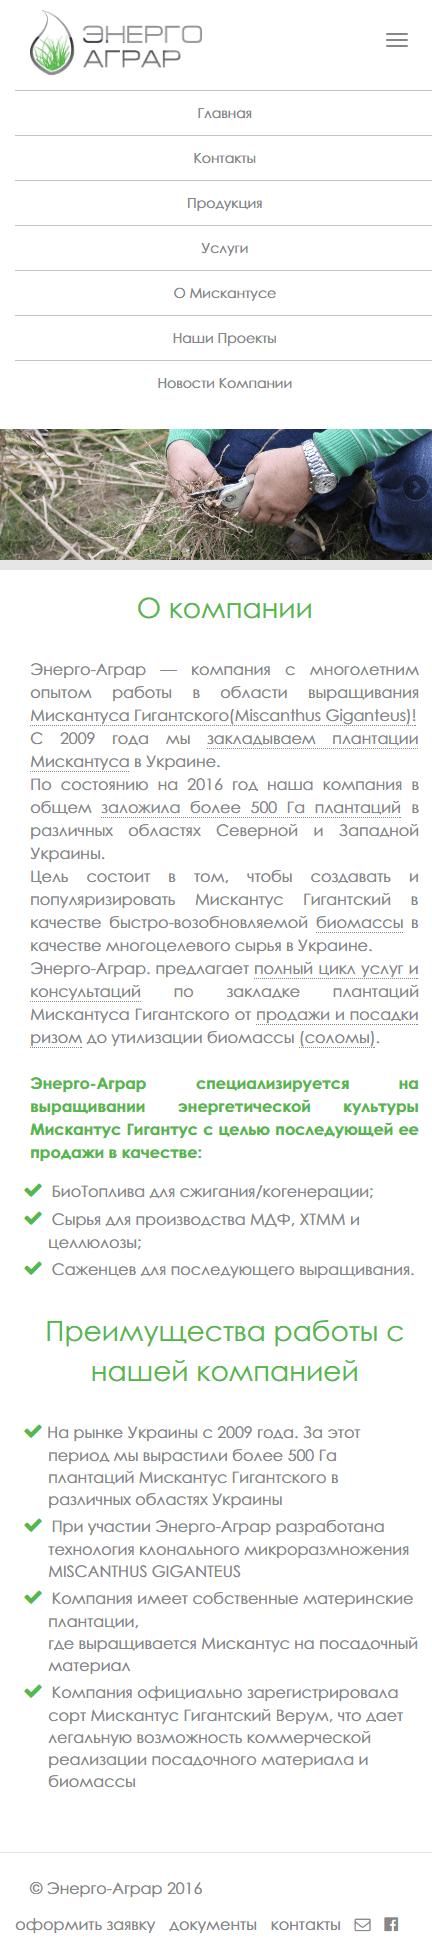 miscanthus-ukraine-com-04